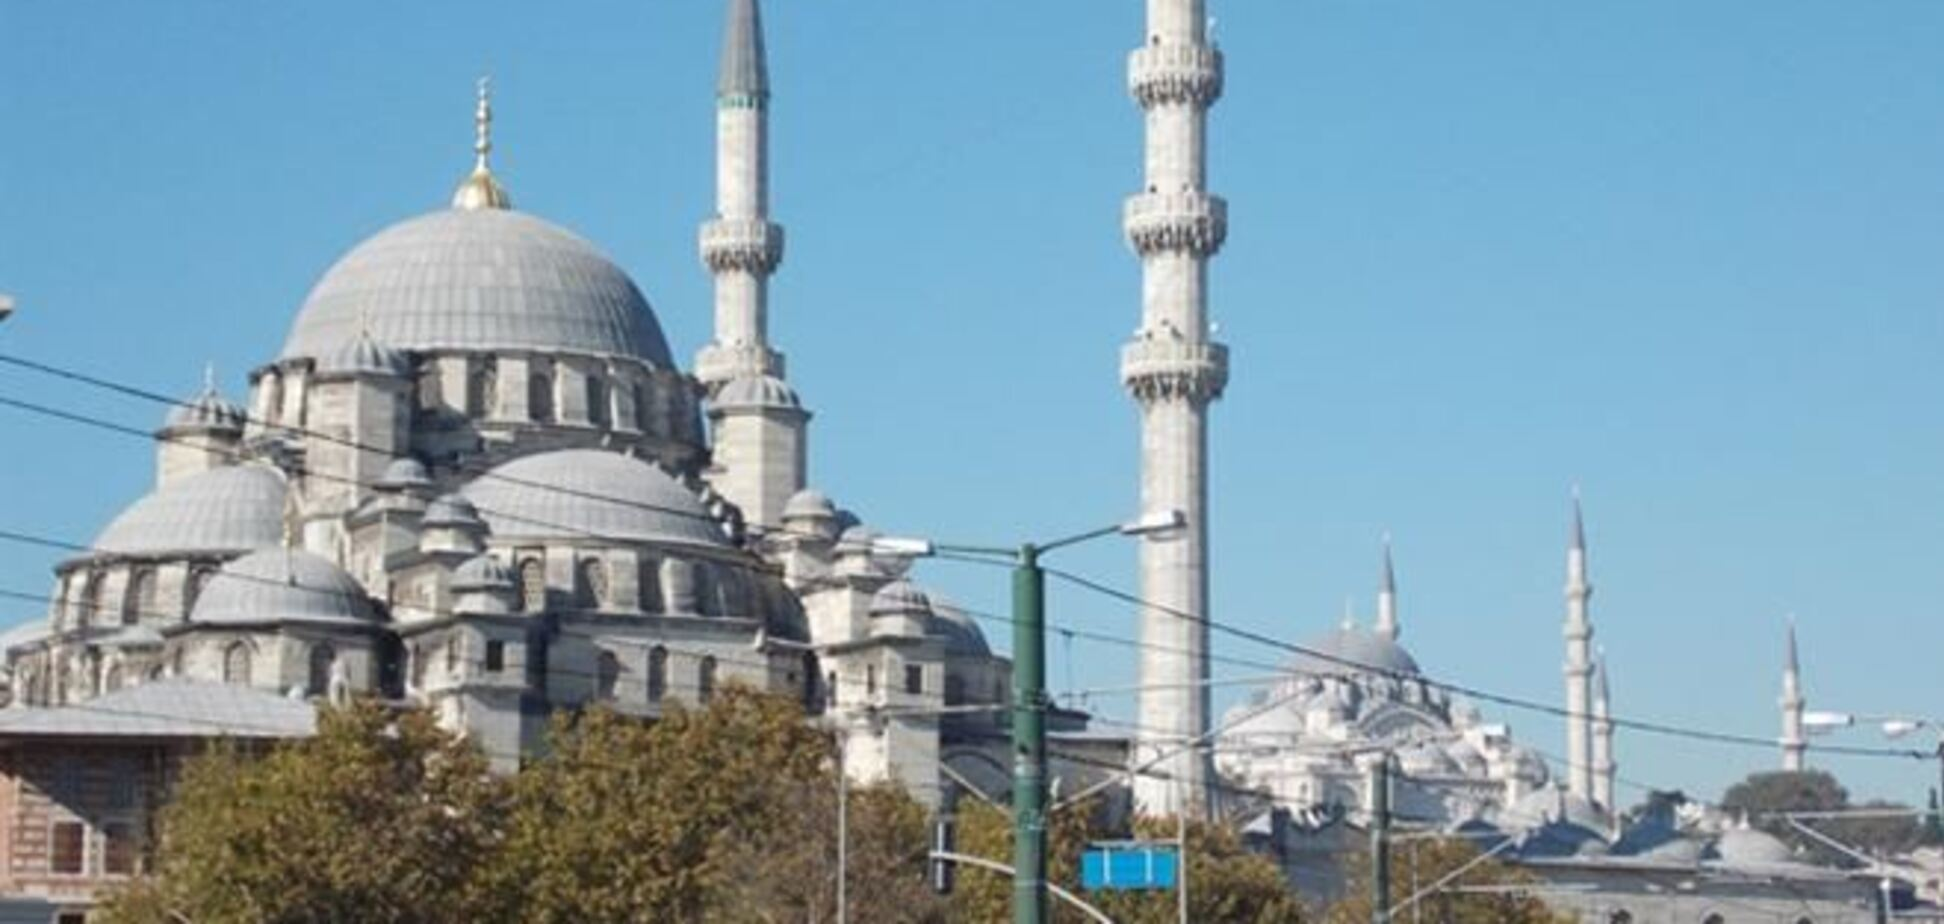 Реализуемые в Стамбуле проекты приведут к удорожанию местной недвижимости